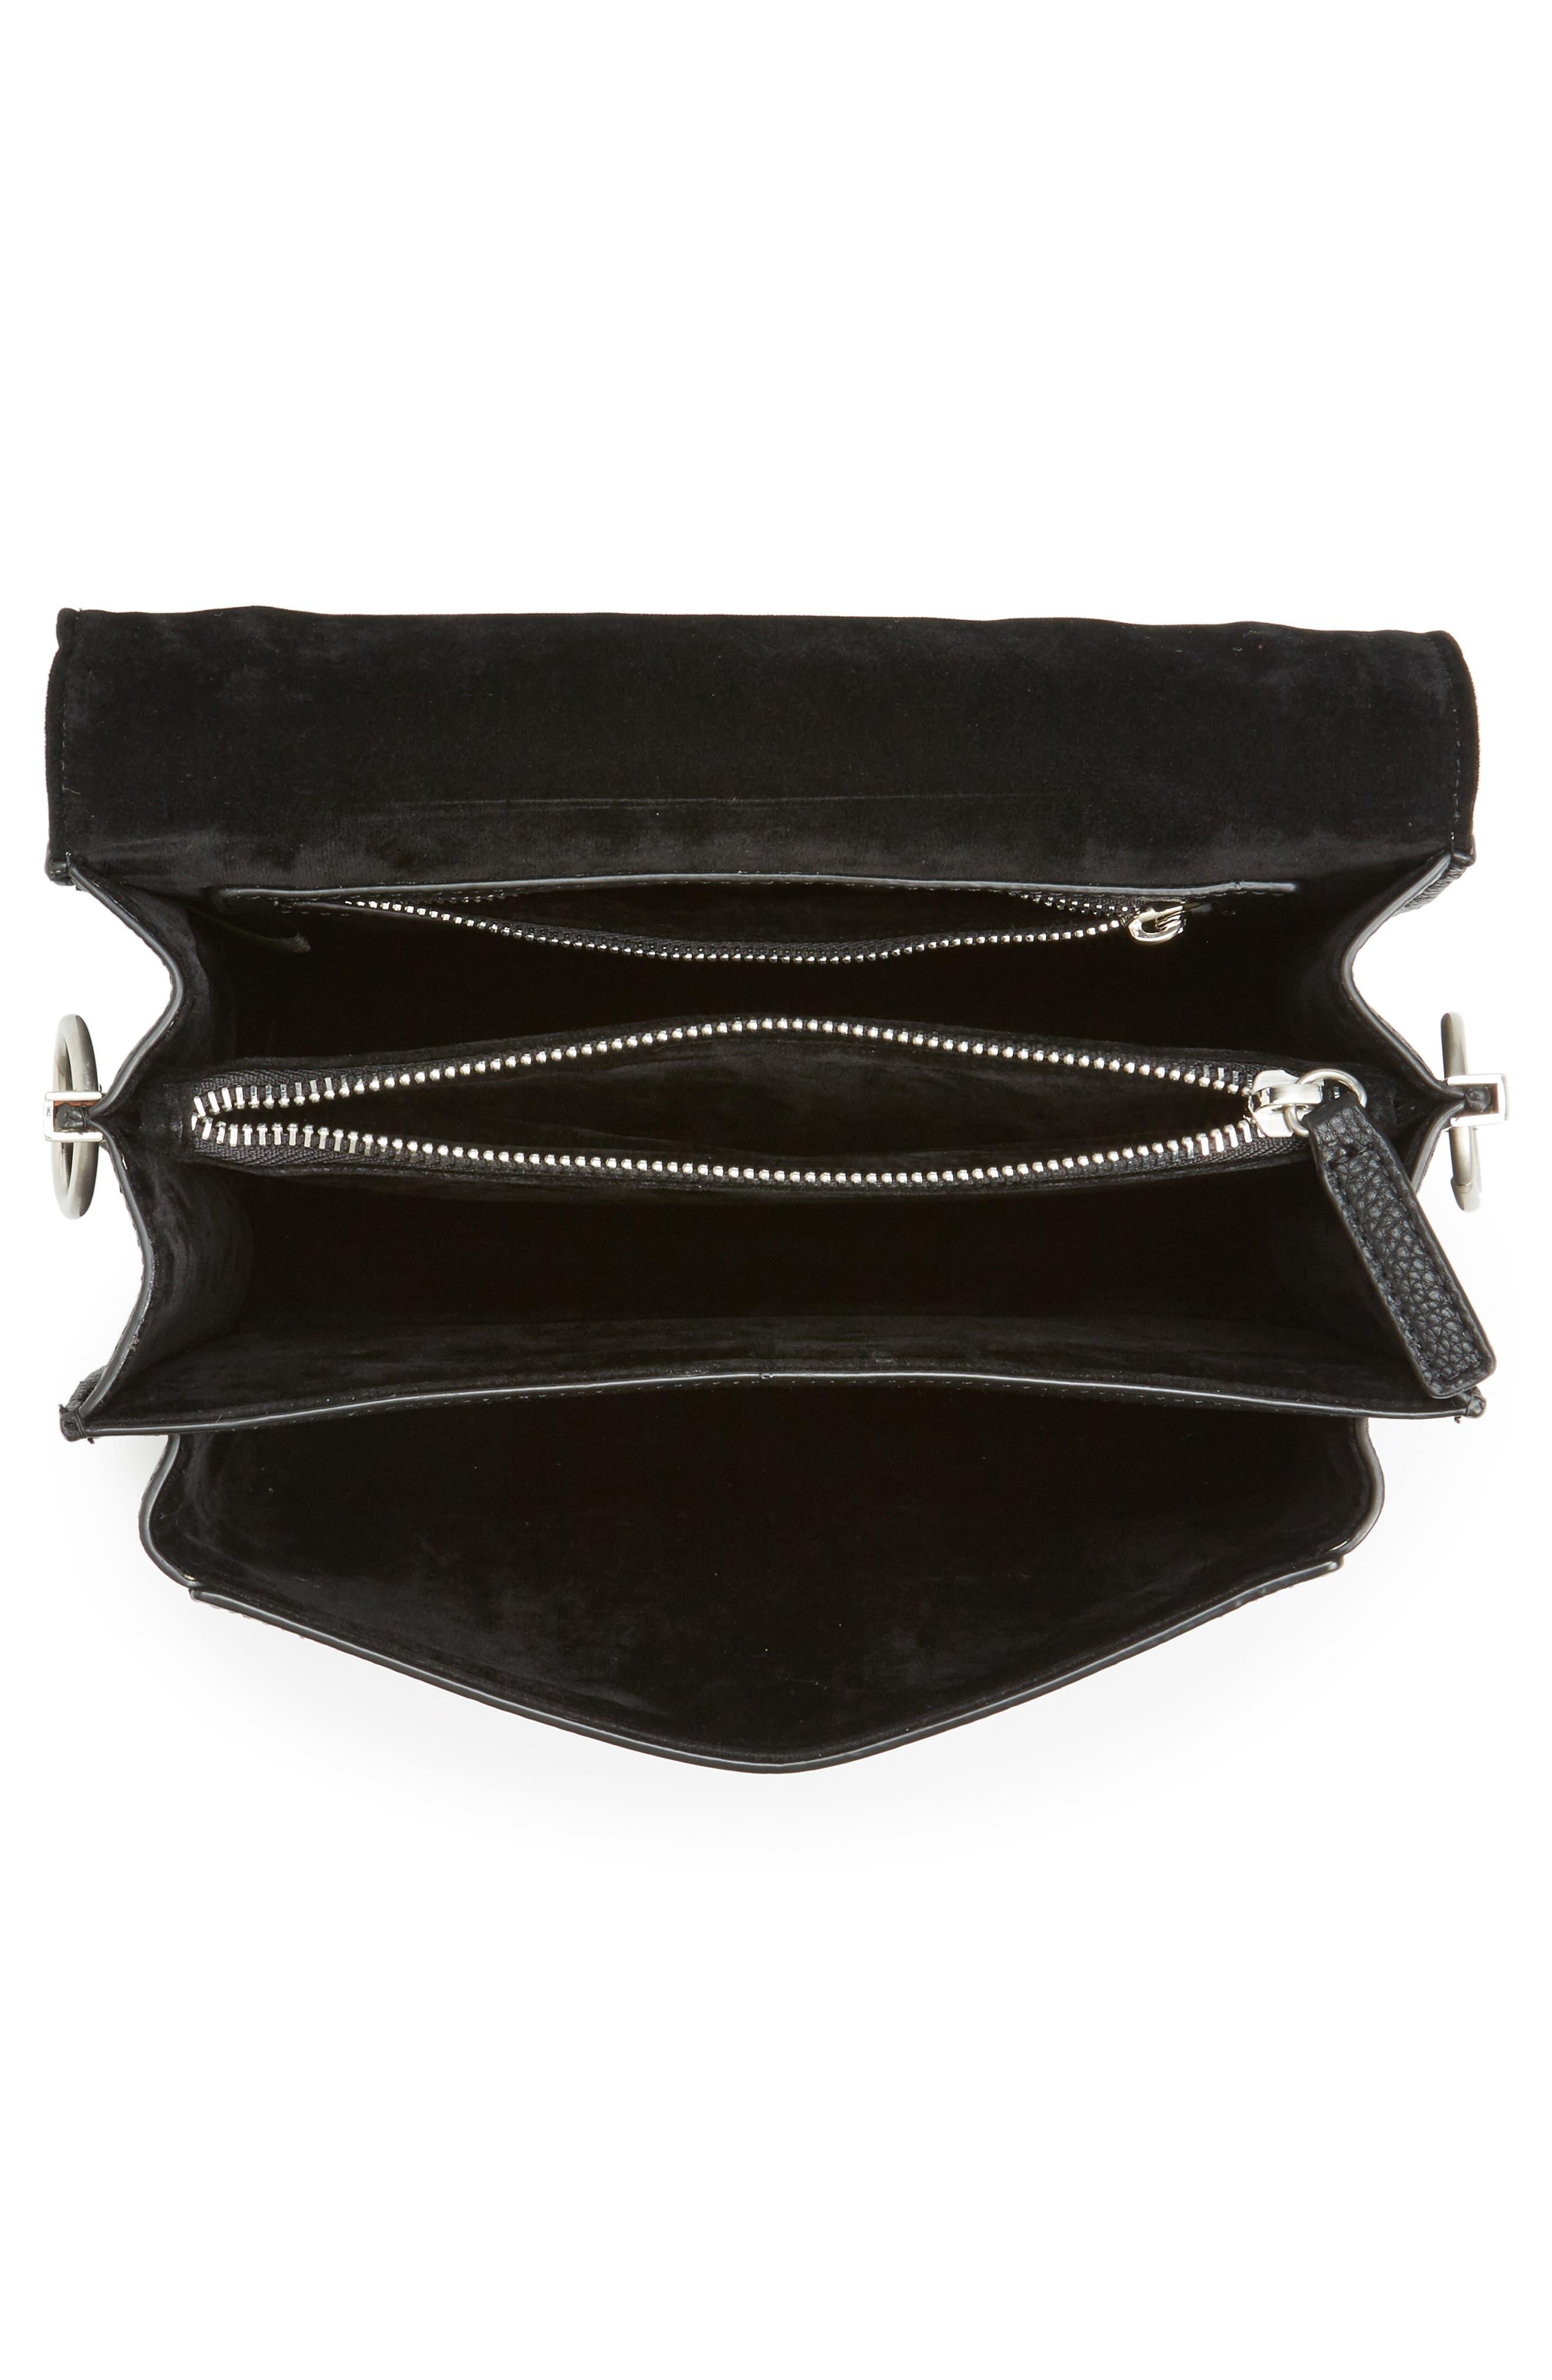 Gessica Leather Shoulder Bag,                             Alternate thumbnail 3, color,                             Black